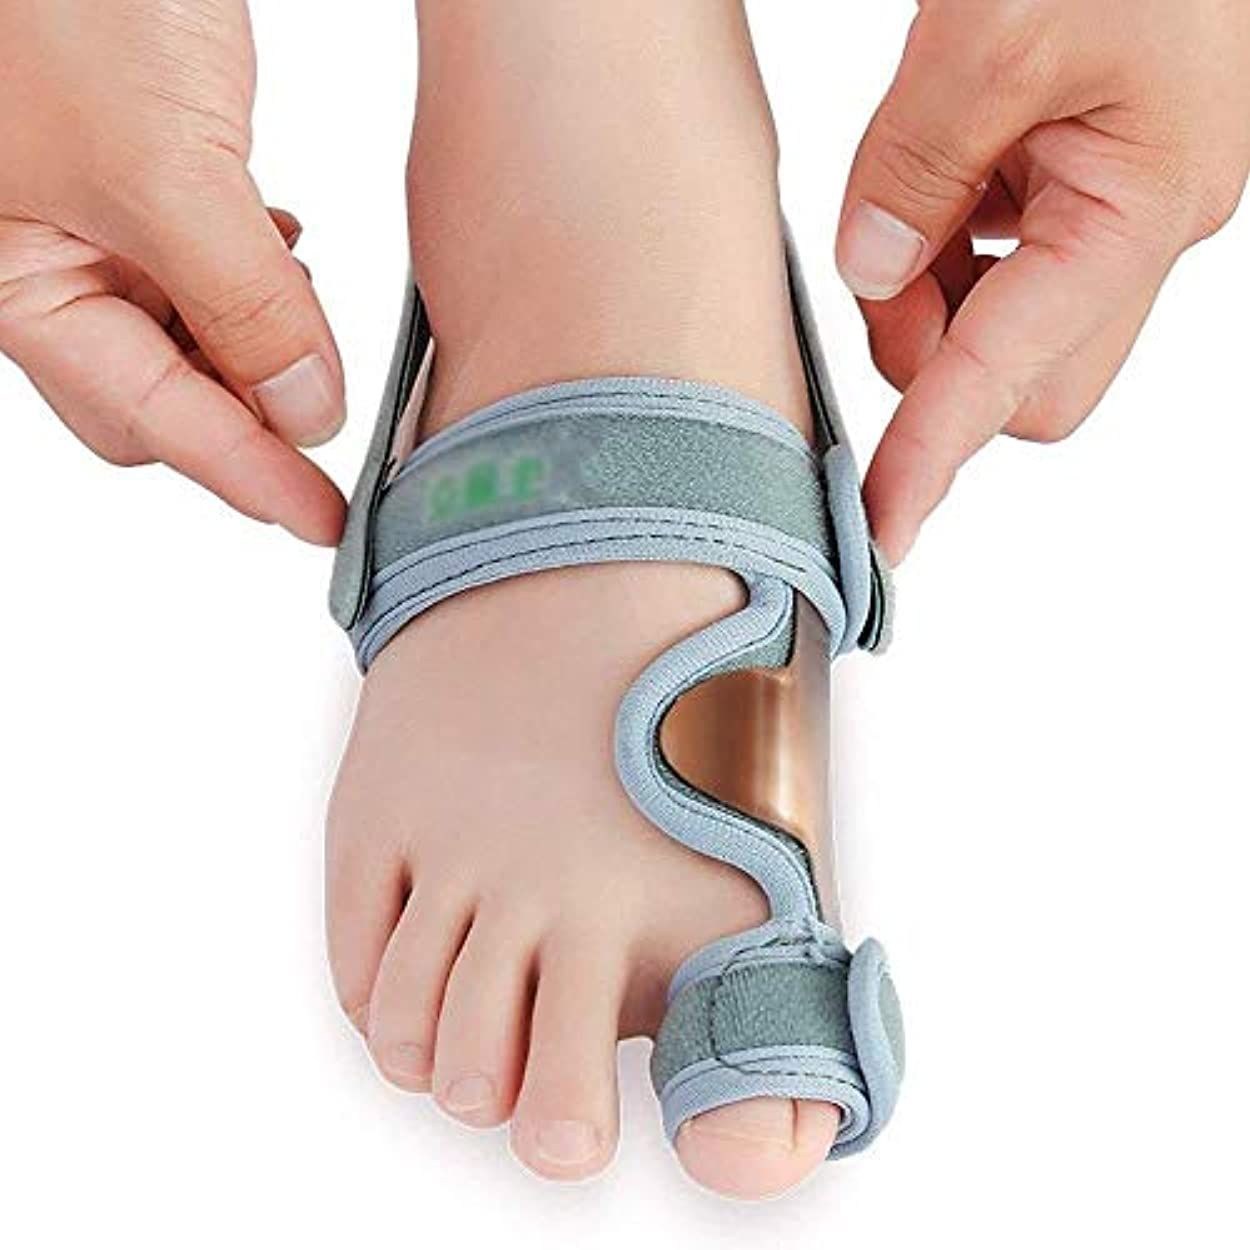 管理します苦痛忠誠外反母ortho装具、女性および男性の足の親指の矯正、遮るもののない外反母and、外反母gusの痛みが夜の副木を緩和する,Left Foot